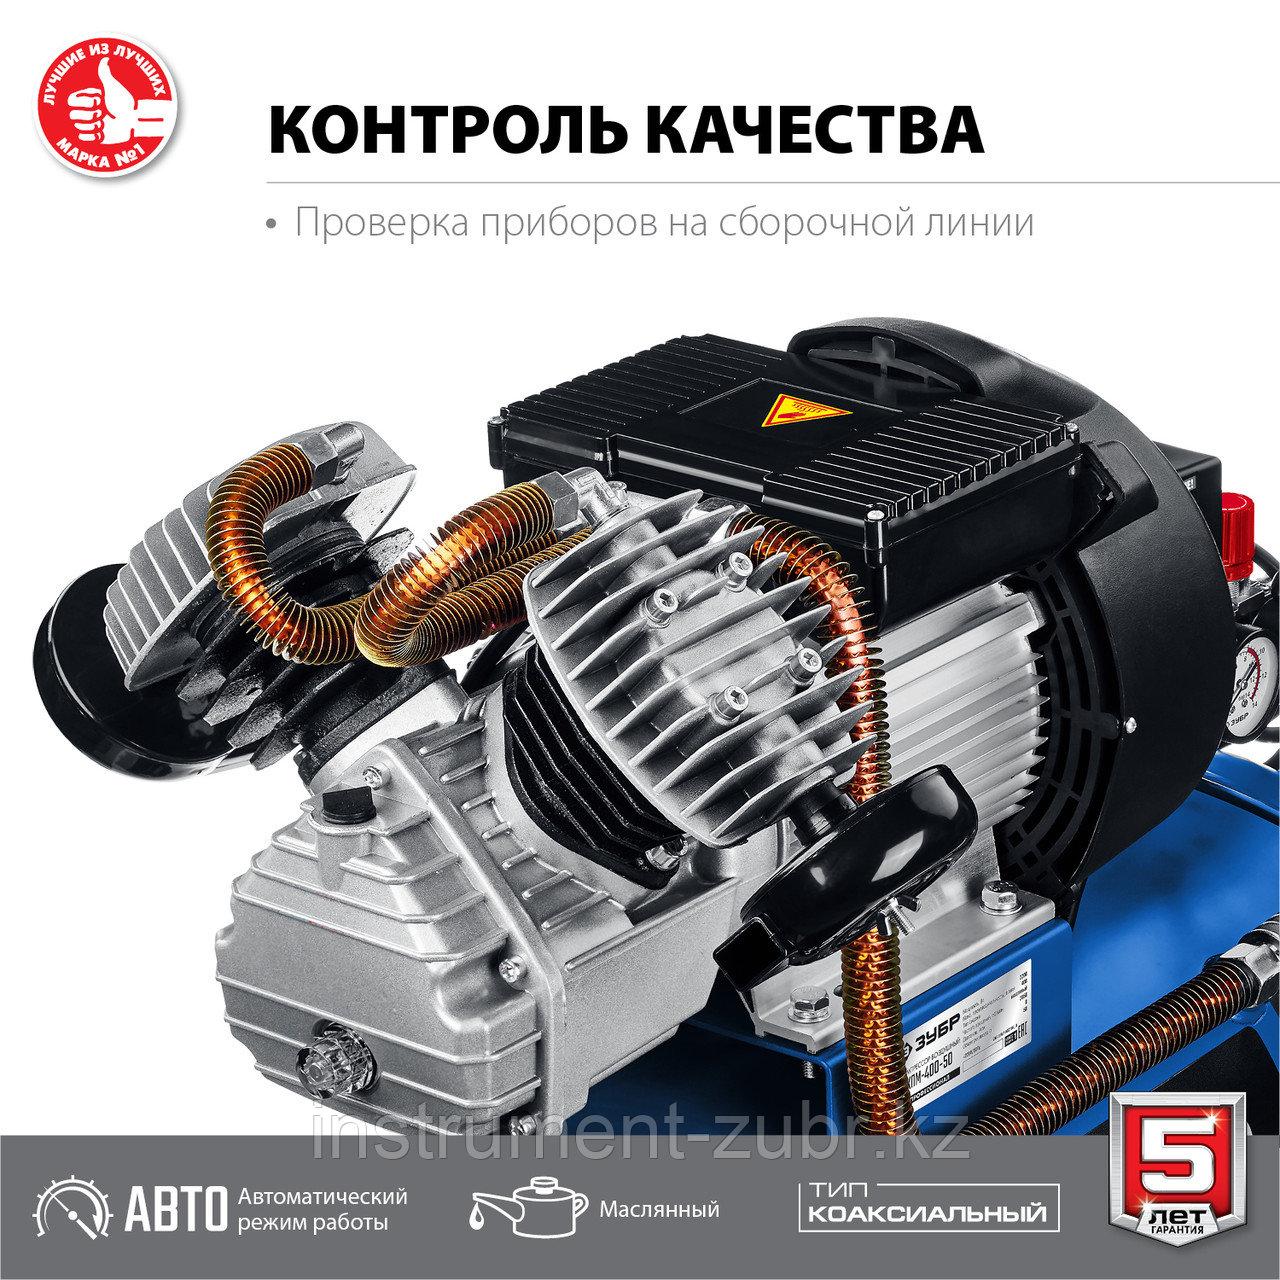 Компрессор воздушный, 400 л/мин, 50 л, 2200 Вт, ЗУБР - фото 7